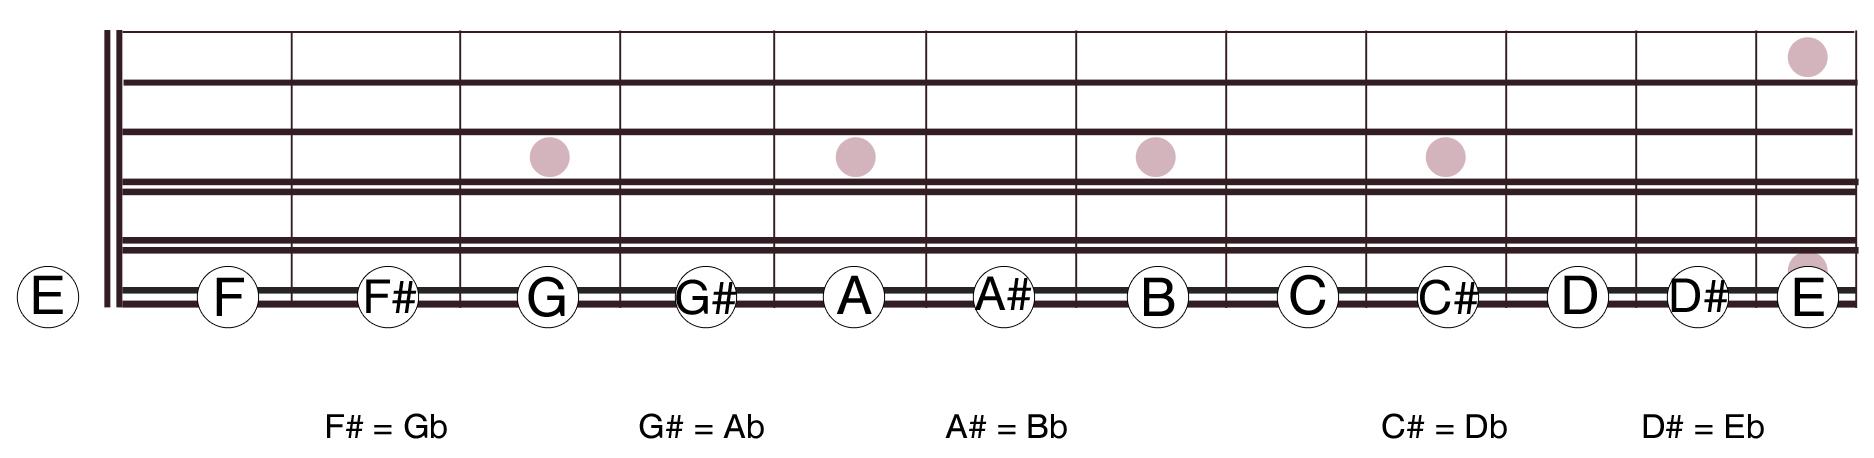 Cmo saber todas las notas de la guitarra sin aprendrtelas de